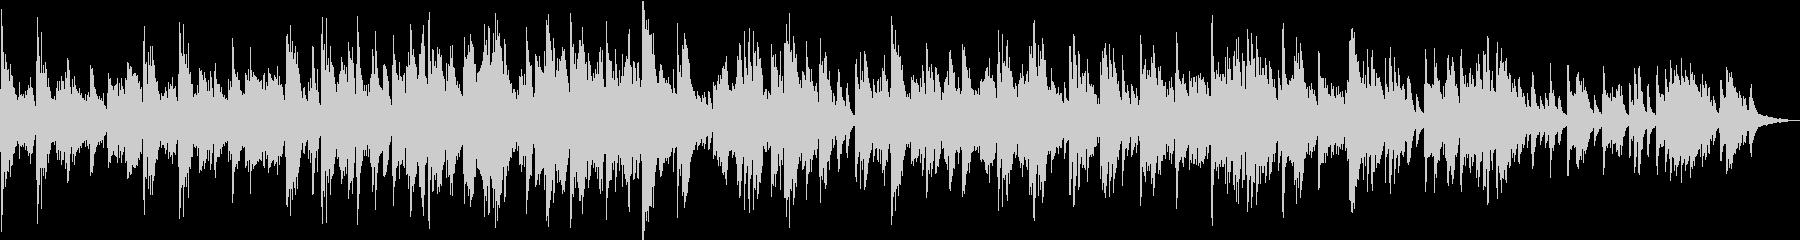 穏やかで優しい 響くヒーリング・ピアノの未再生の波形